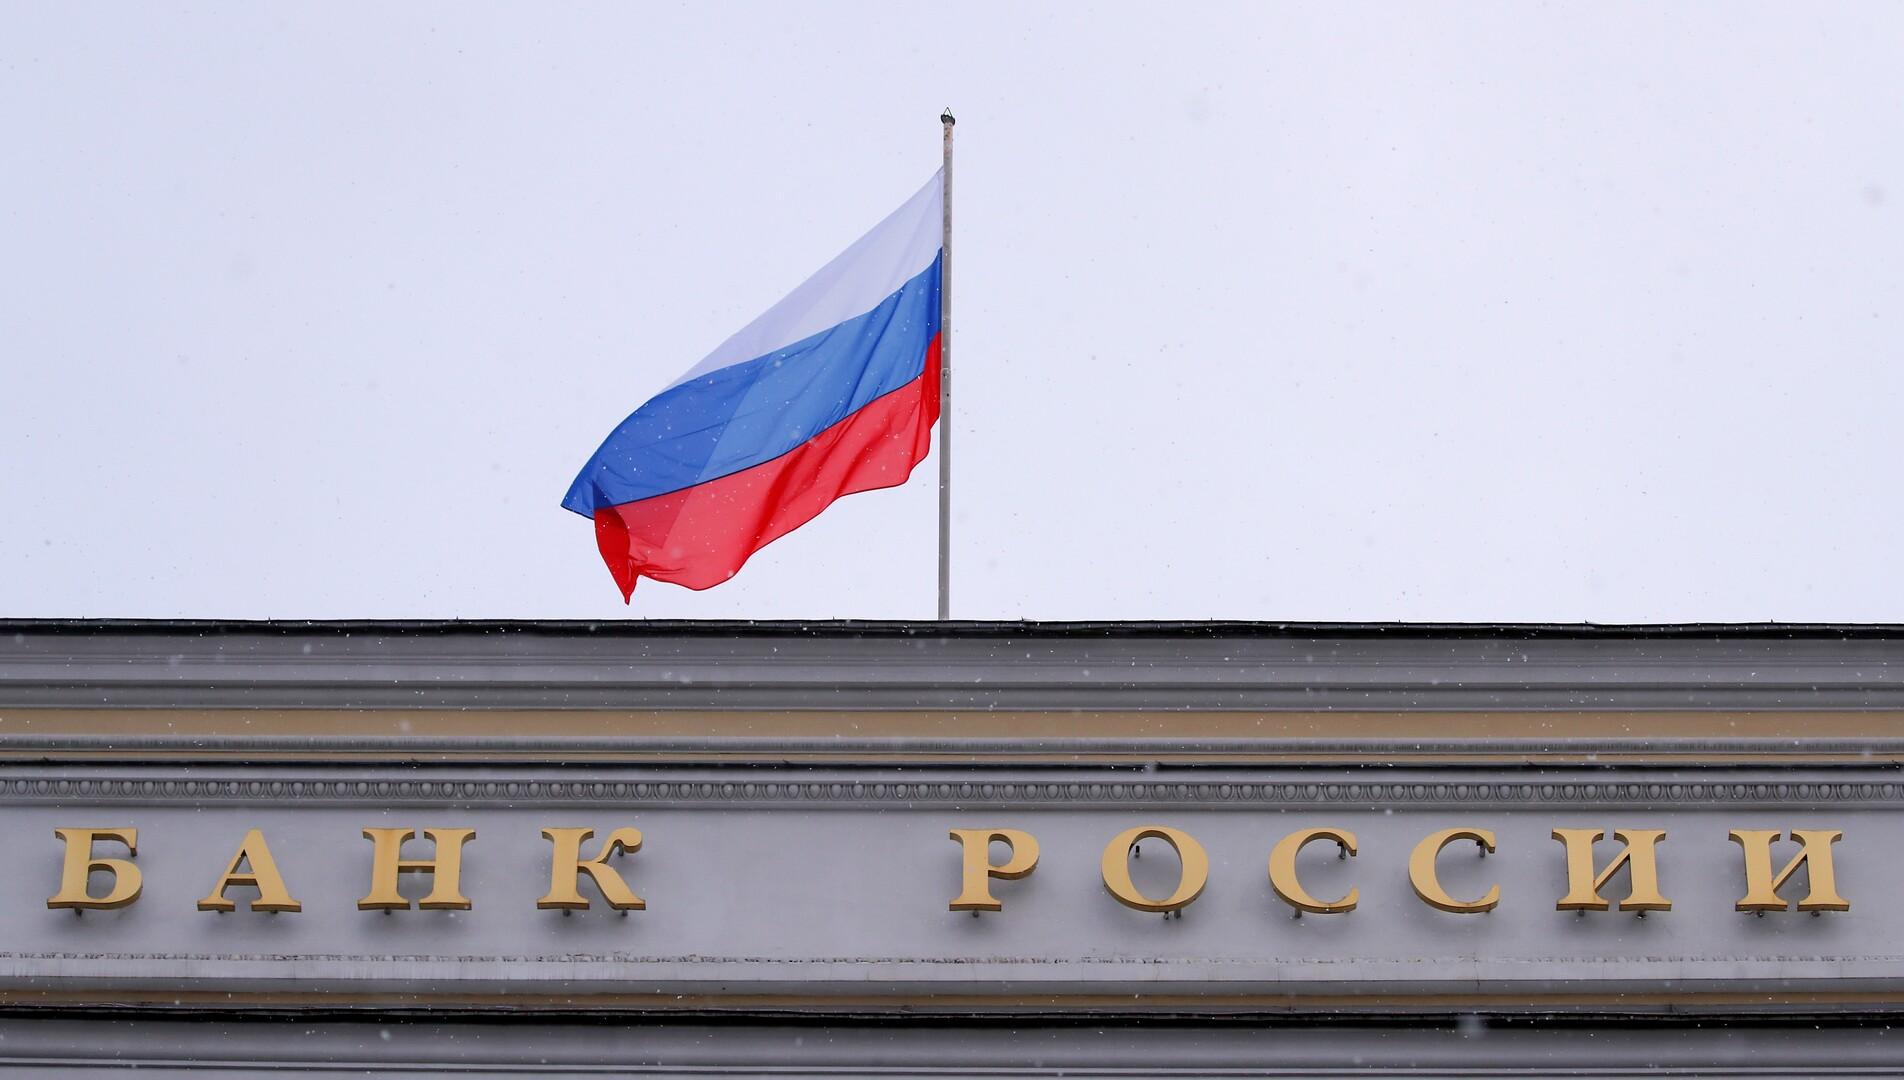 المركزي الروسي يسك عملات تذكارية بمناسبة قمة روسية إفريقية